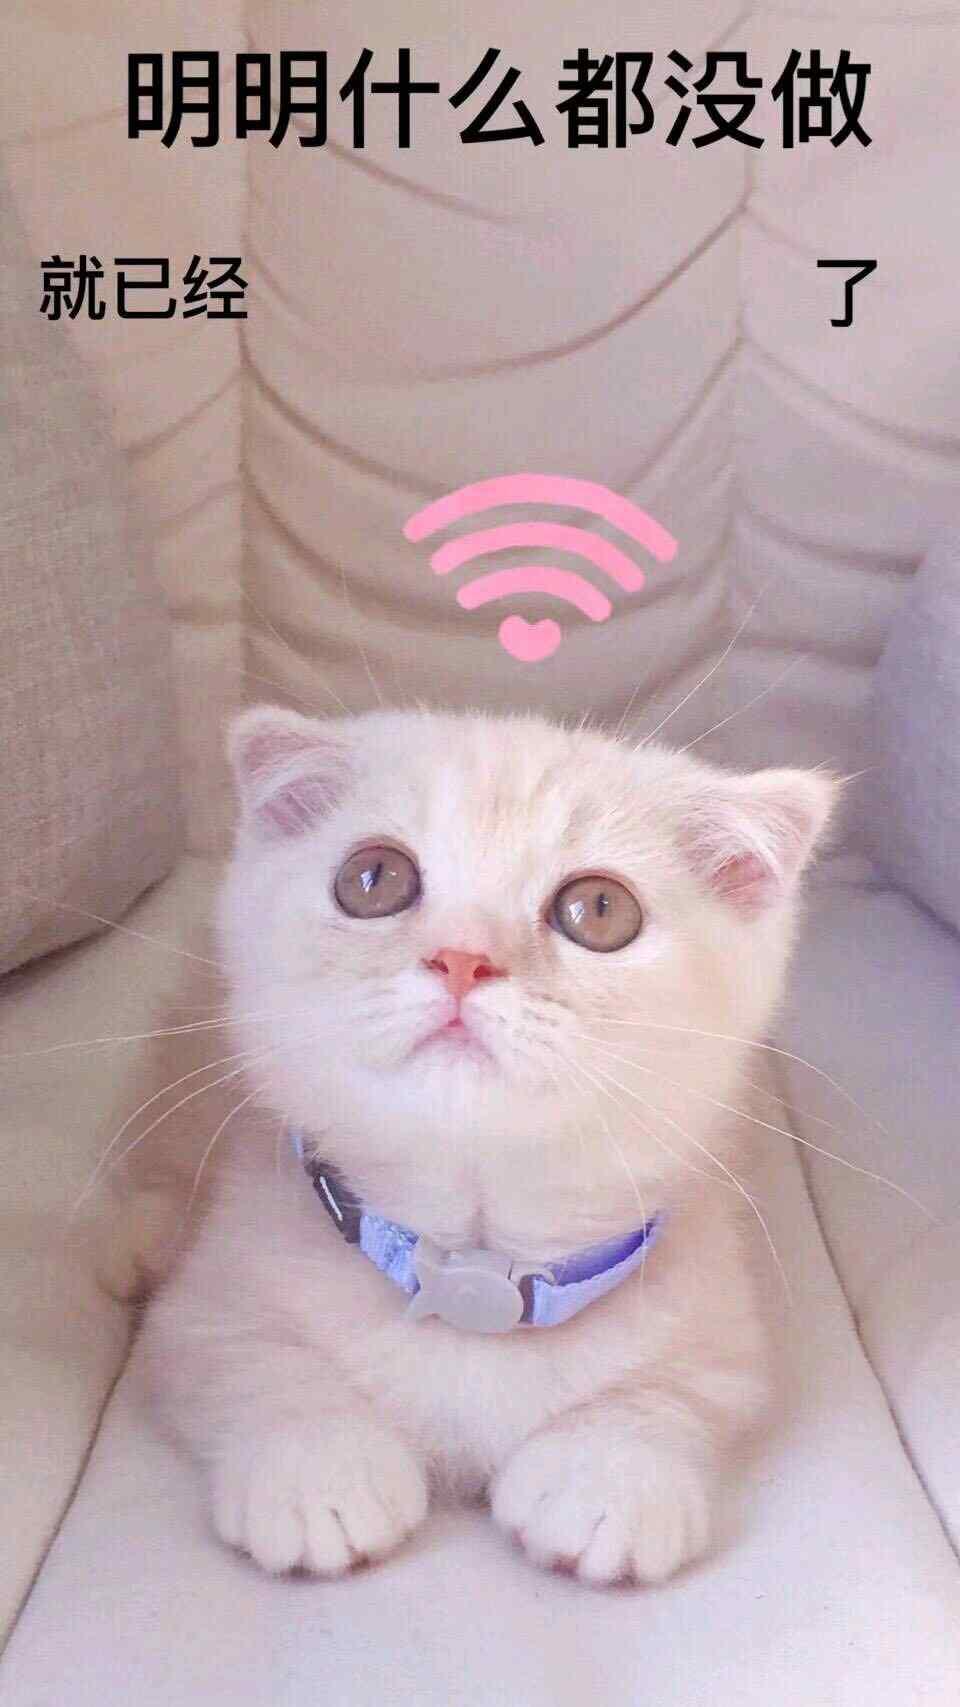 可爱猫咪版明明什么都没做壁纸